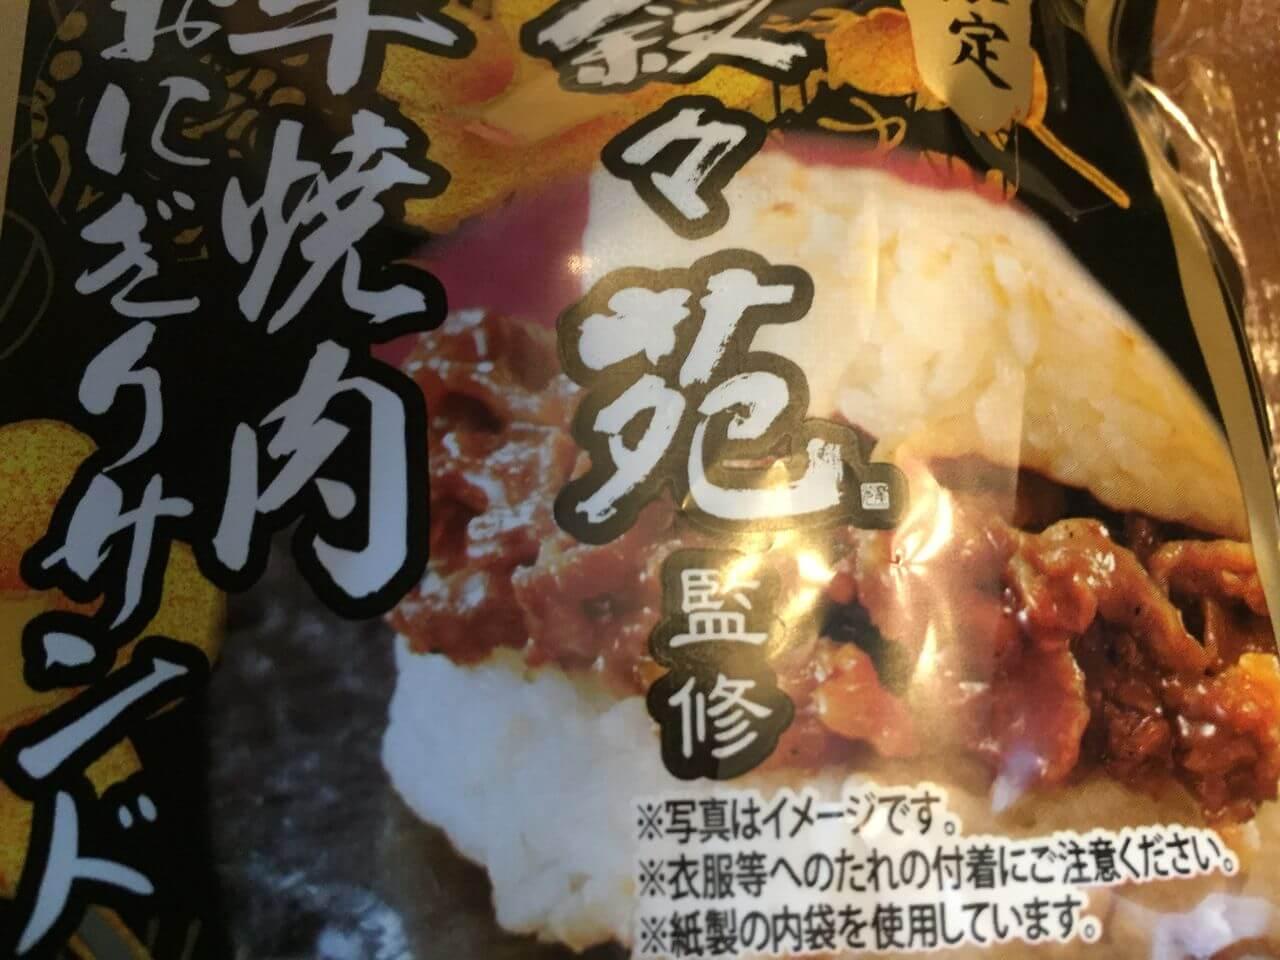 ローソンと叙々苑のコラボ焼肉おにぎりを食べたヨの日記イメージ写真